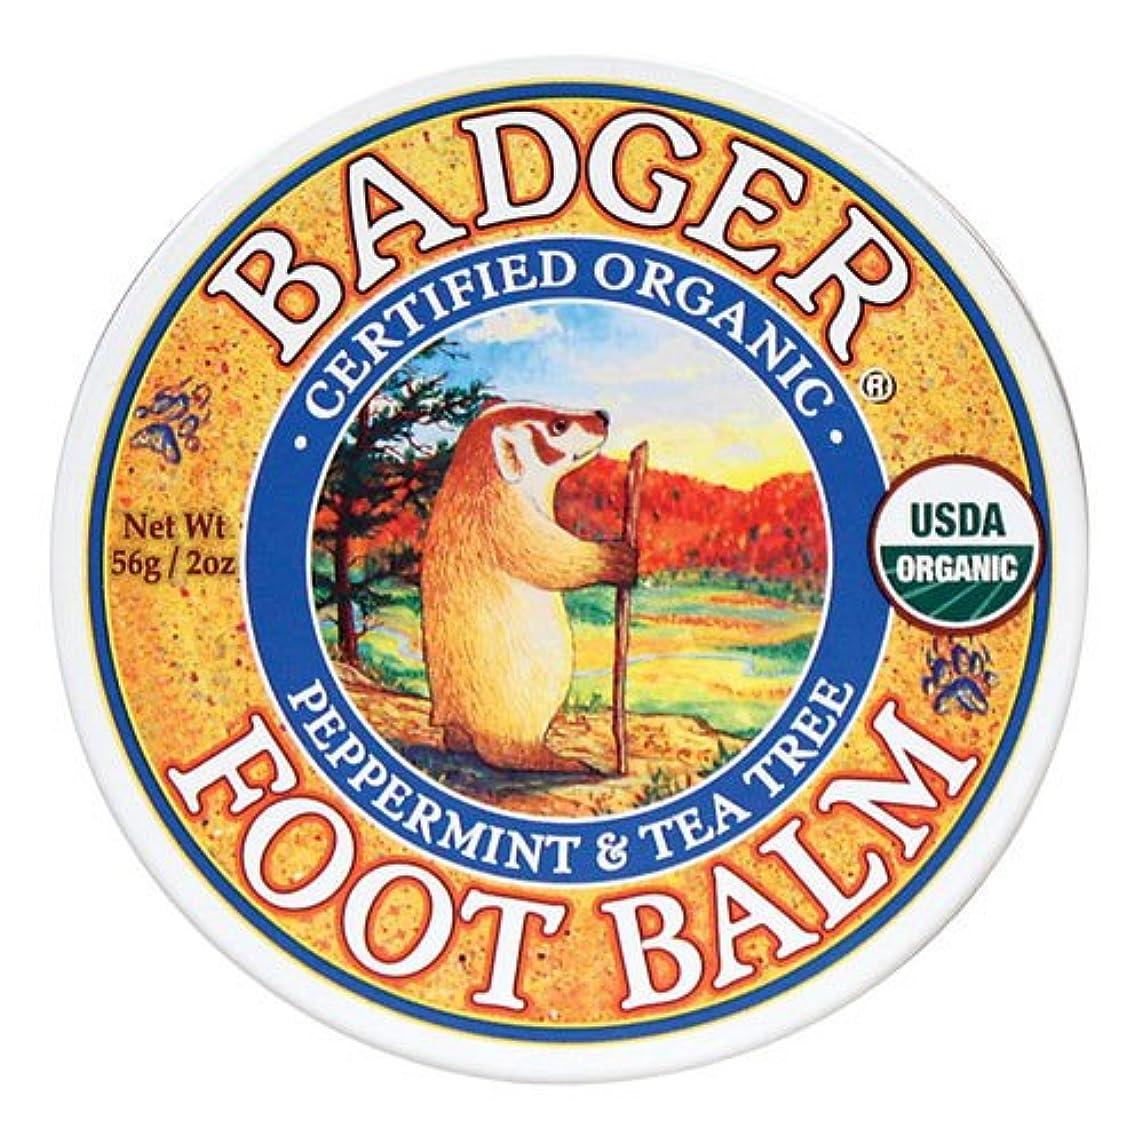 屋内でドリル自然Badger バジャー オーガニックフットクリーム ペパーミント & ティーツリー 56g【海外直送品】【並行輸入品】